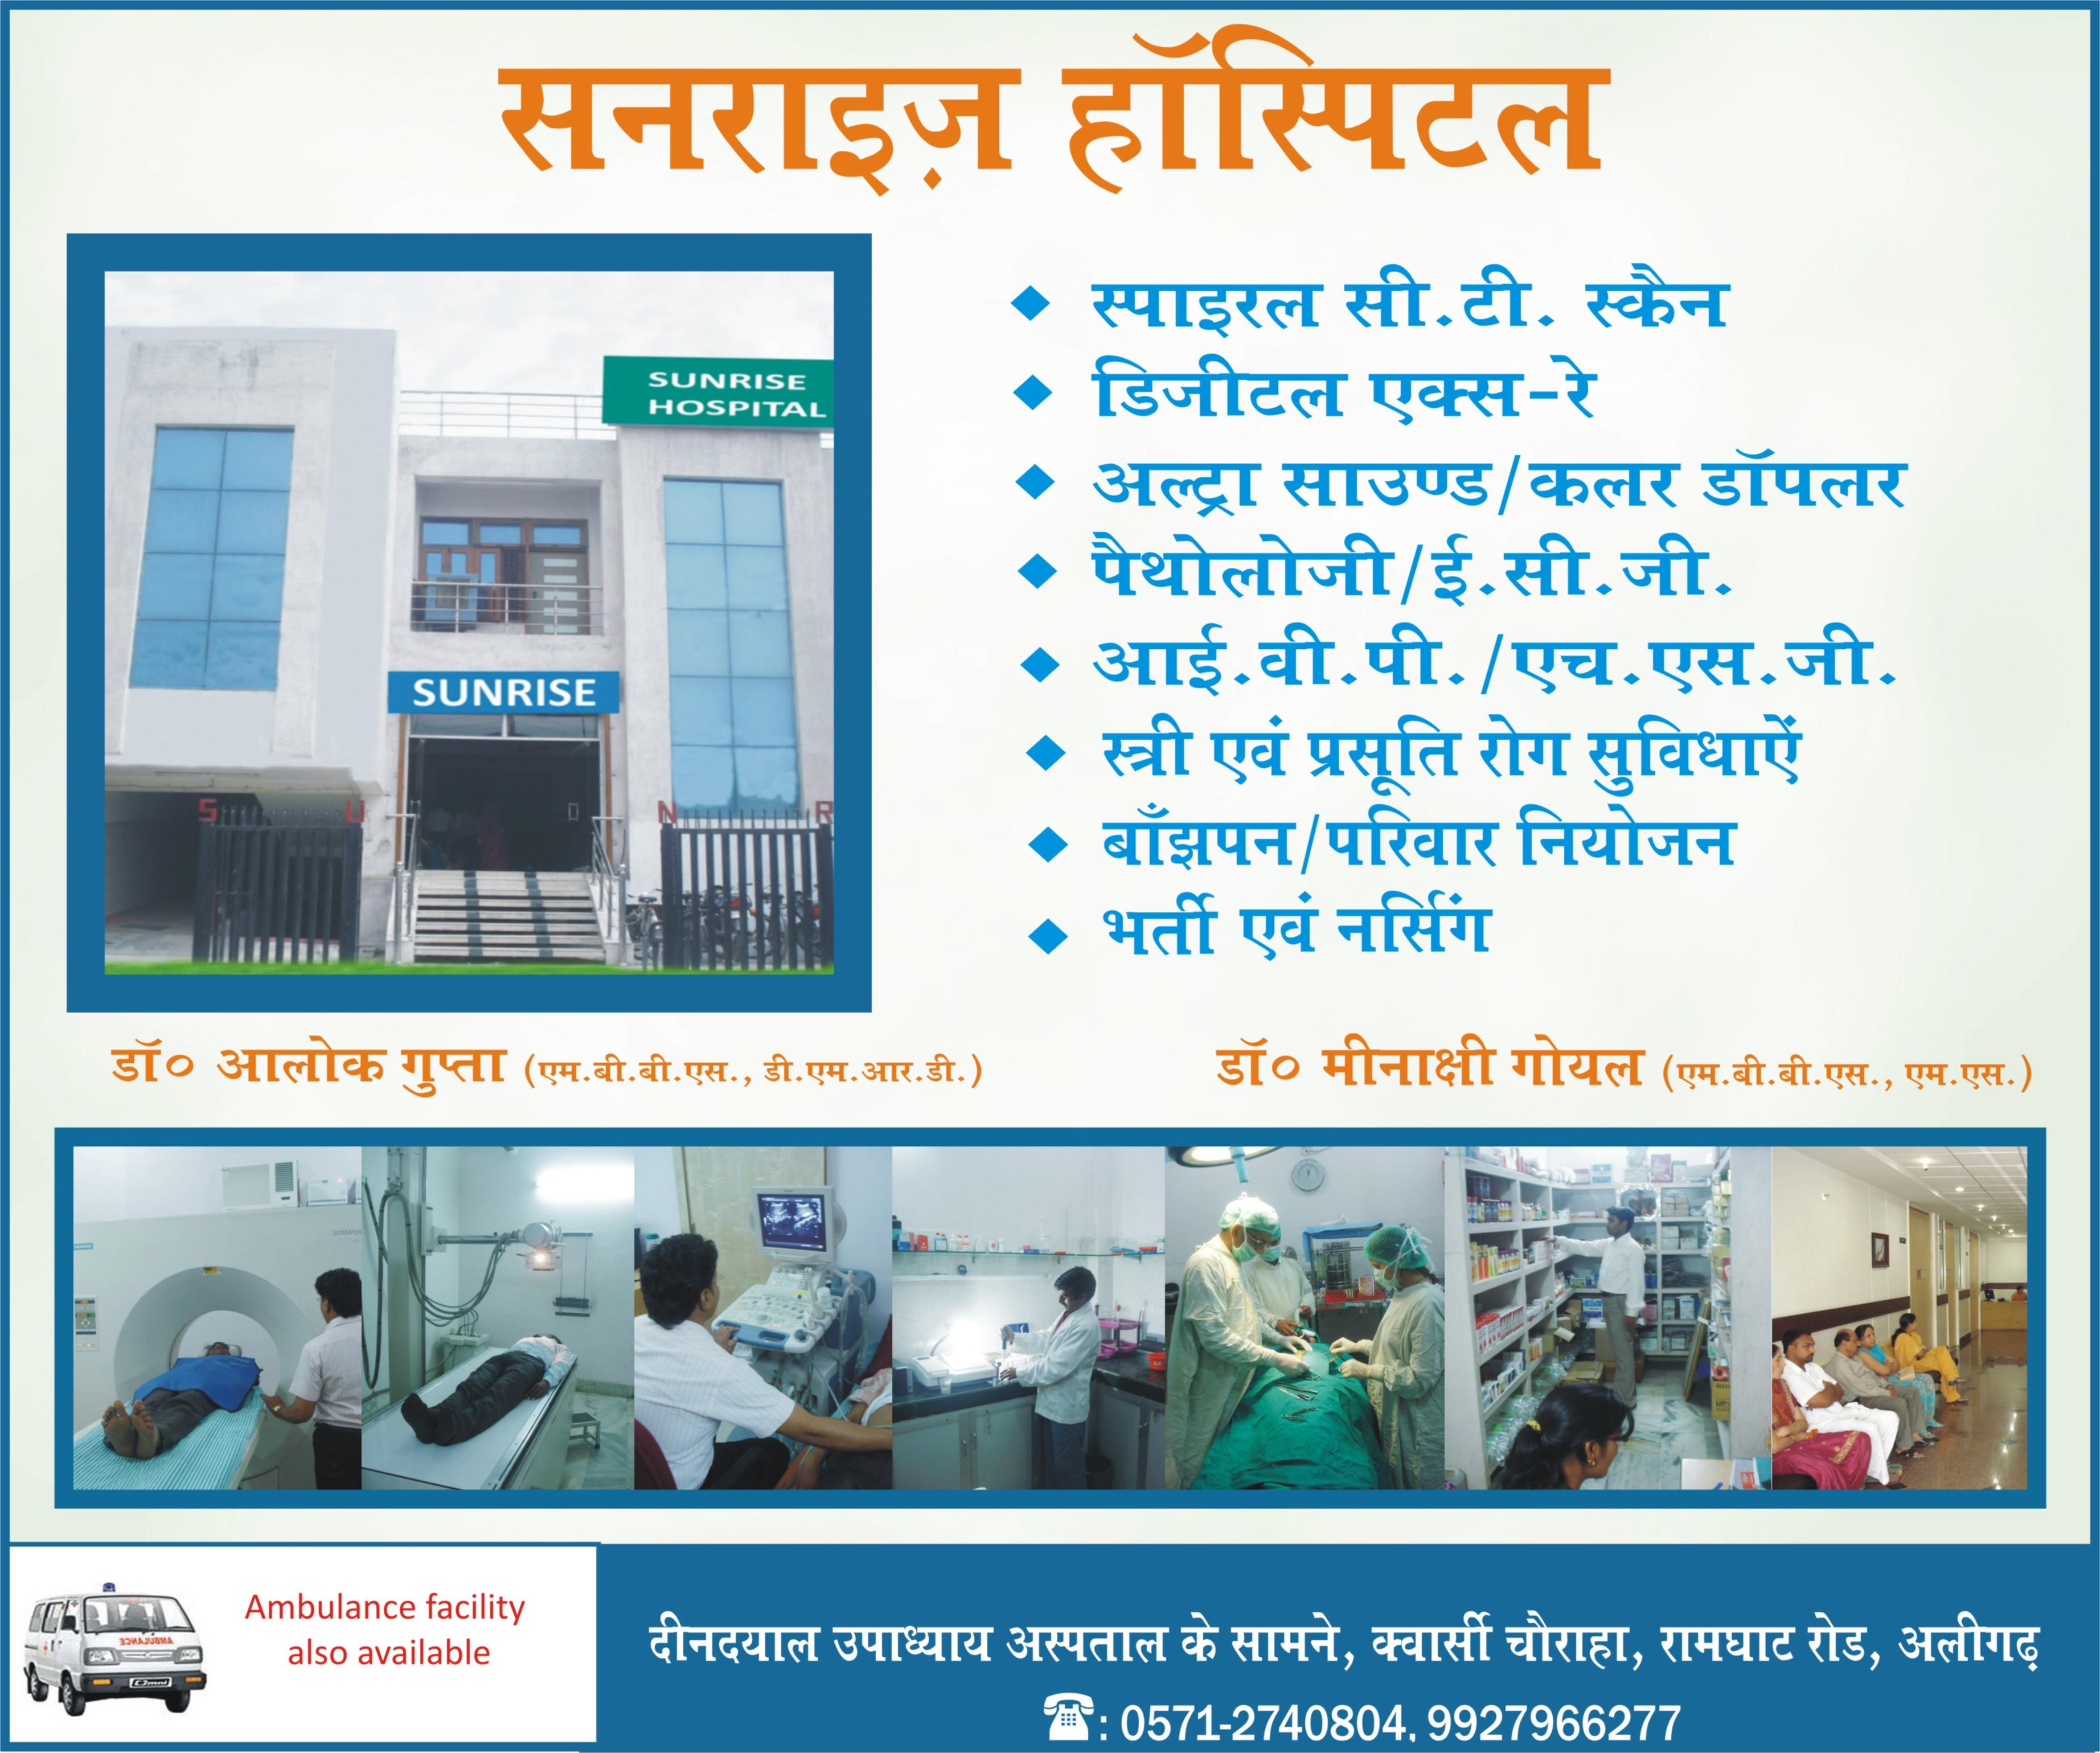 SUNRISE HOSPITAL  Hospital  Aligarh - IndiaOnAPage